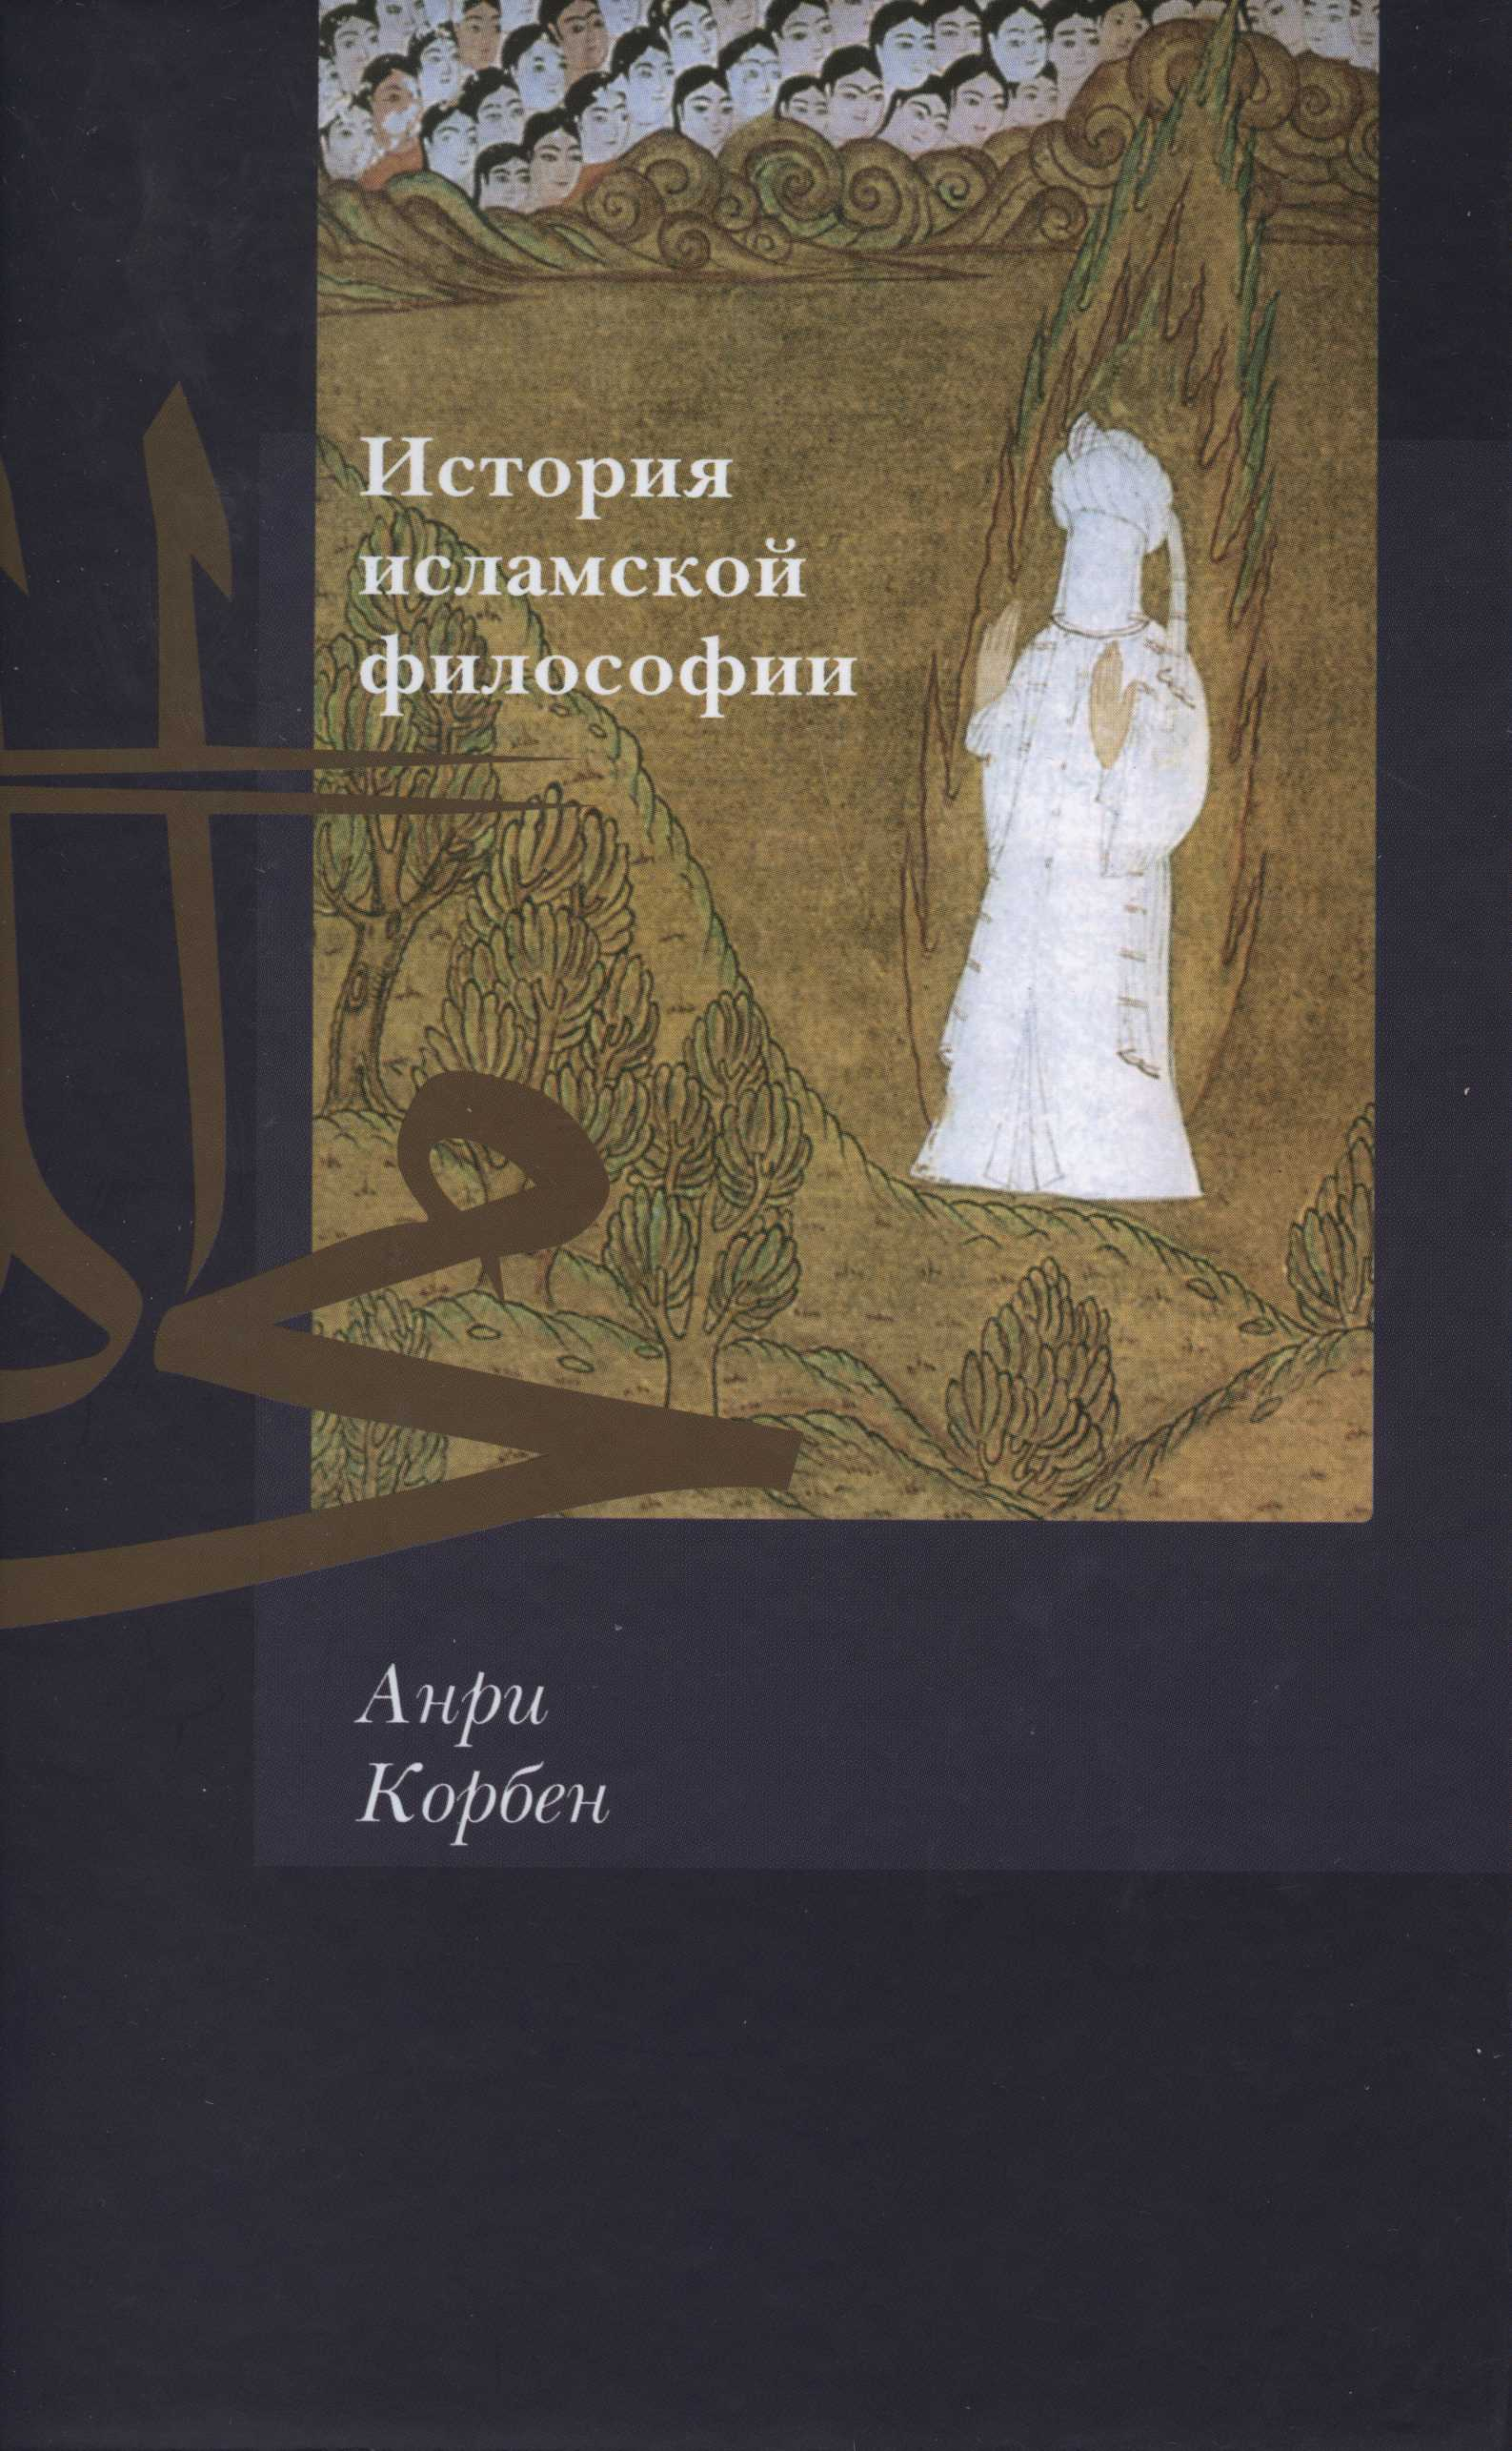 histoire de la philo islamique russe